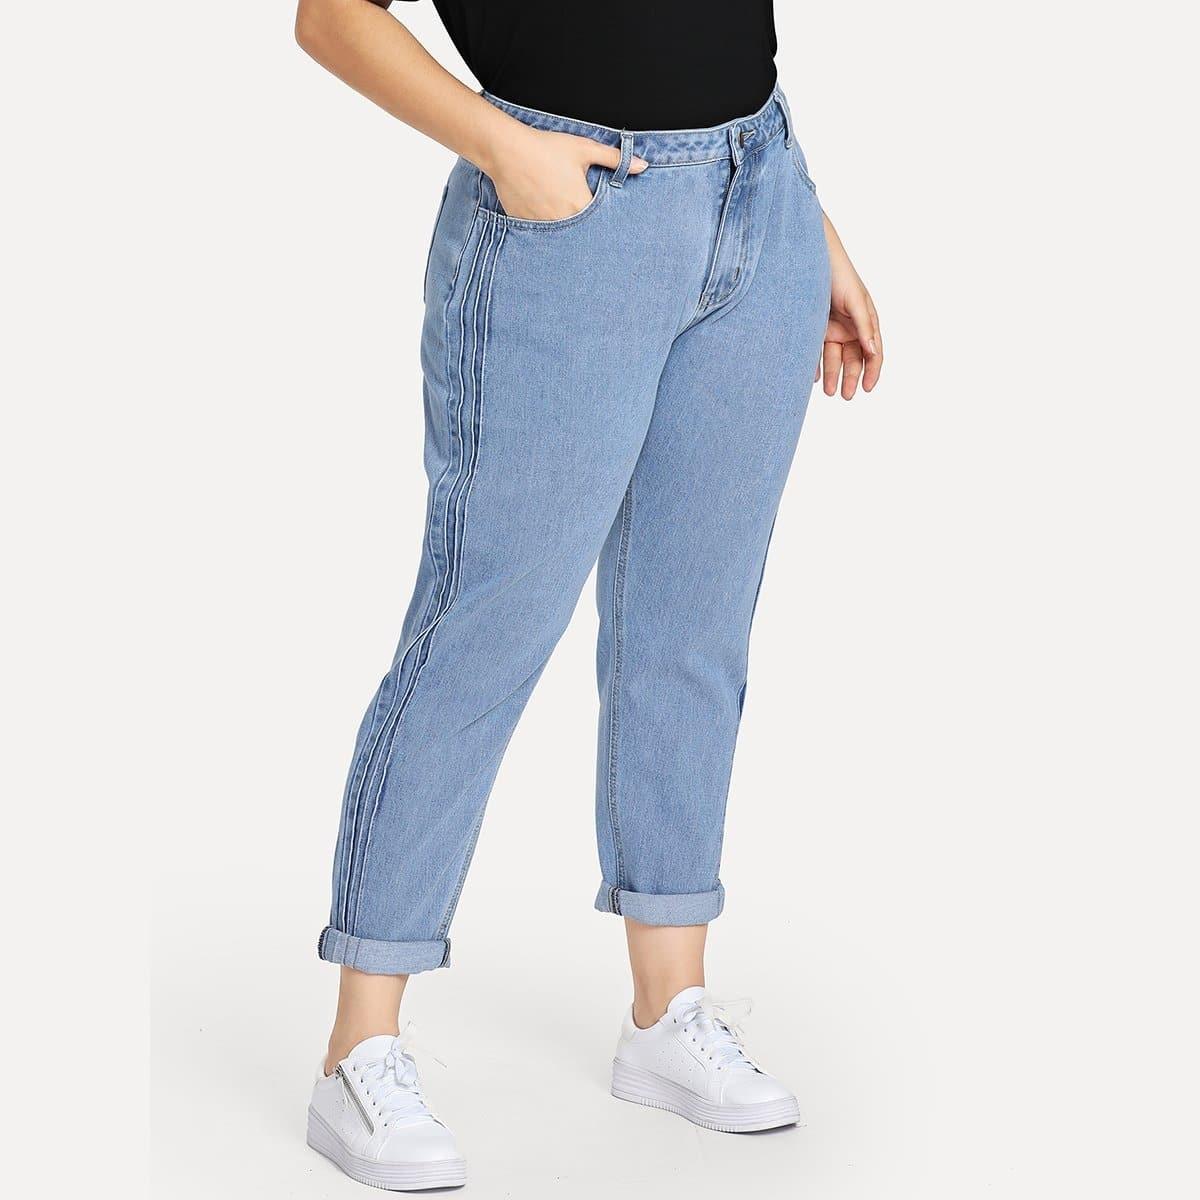 Plus Jeans met Opvallende Stiksels